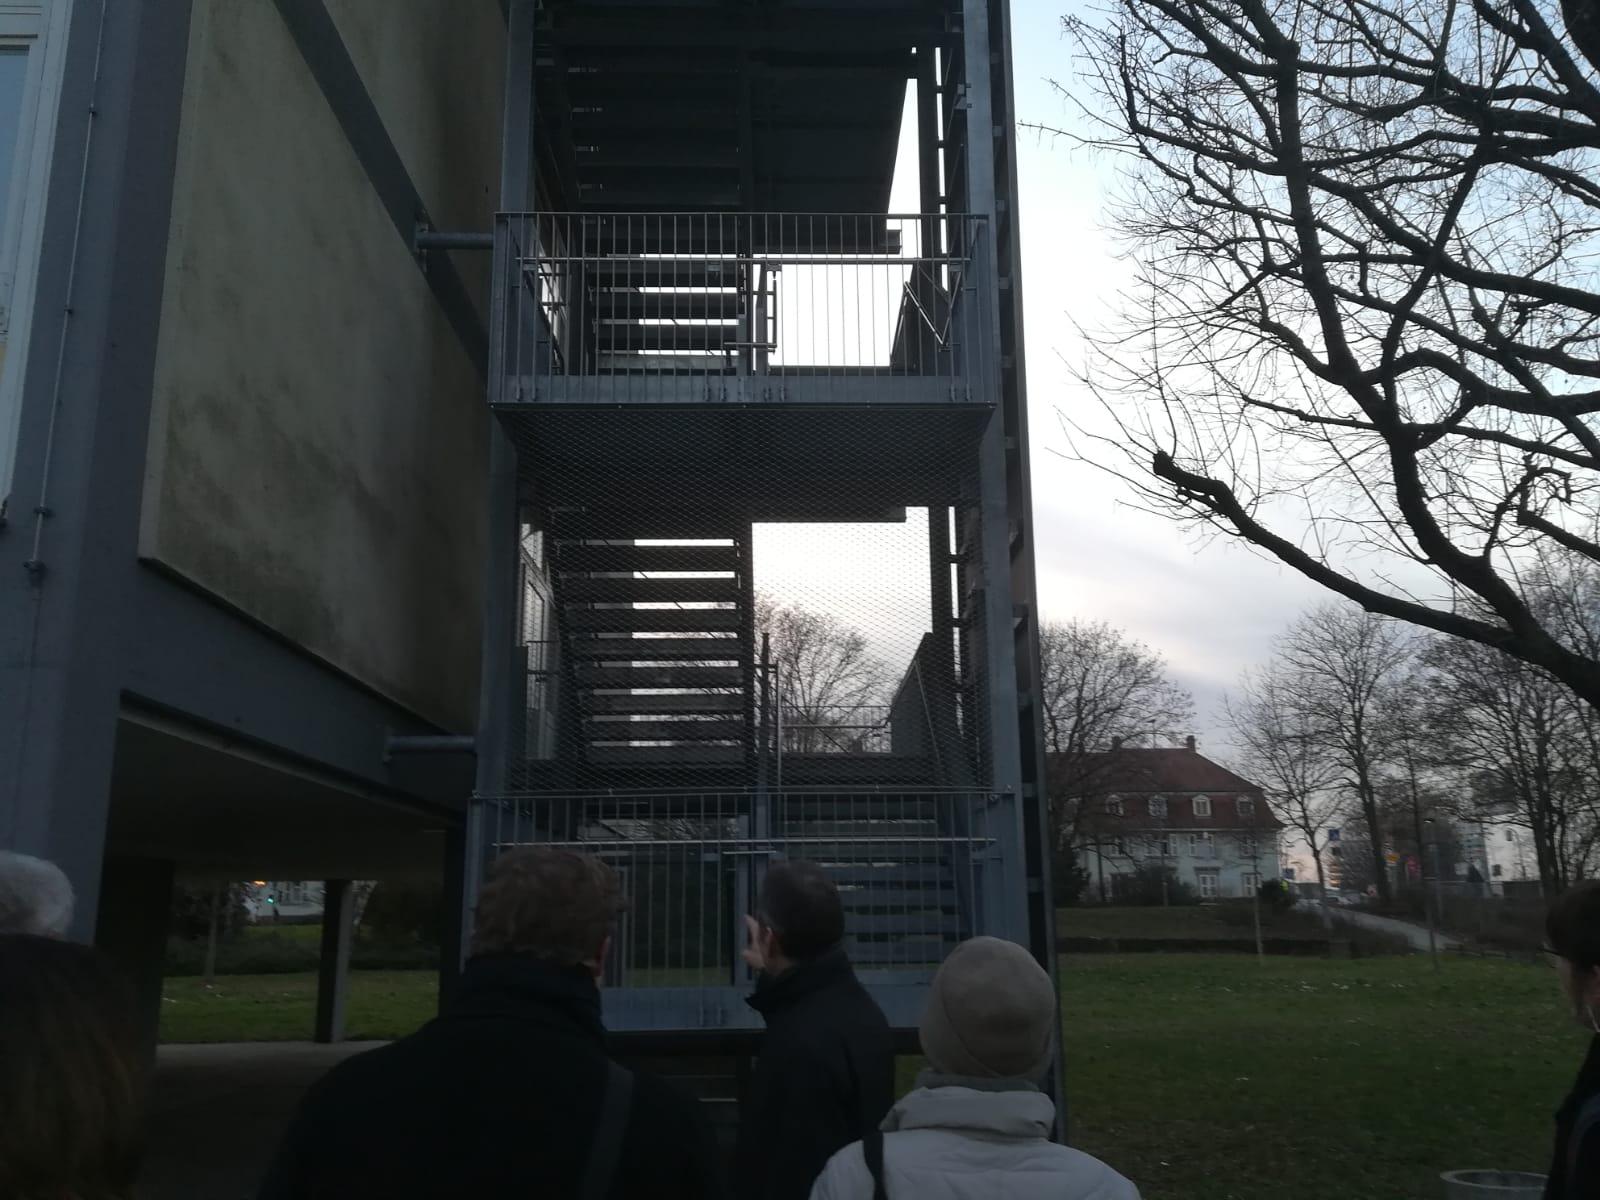 Treppenaufgang am Seitengebäude der Willy-Hellpach-Schule. Hier wurde rundum ein Netz angebracht, um Unbefugeten den Zutritt zu verwehren.